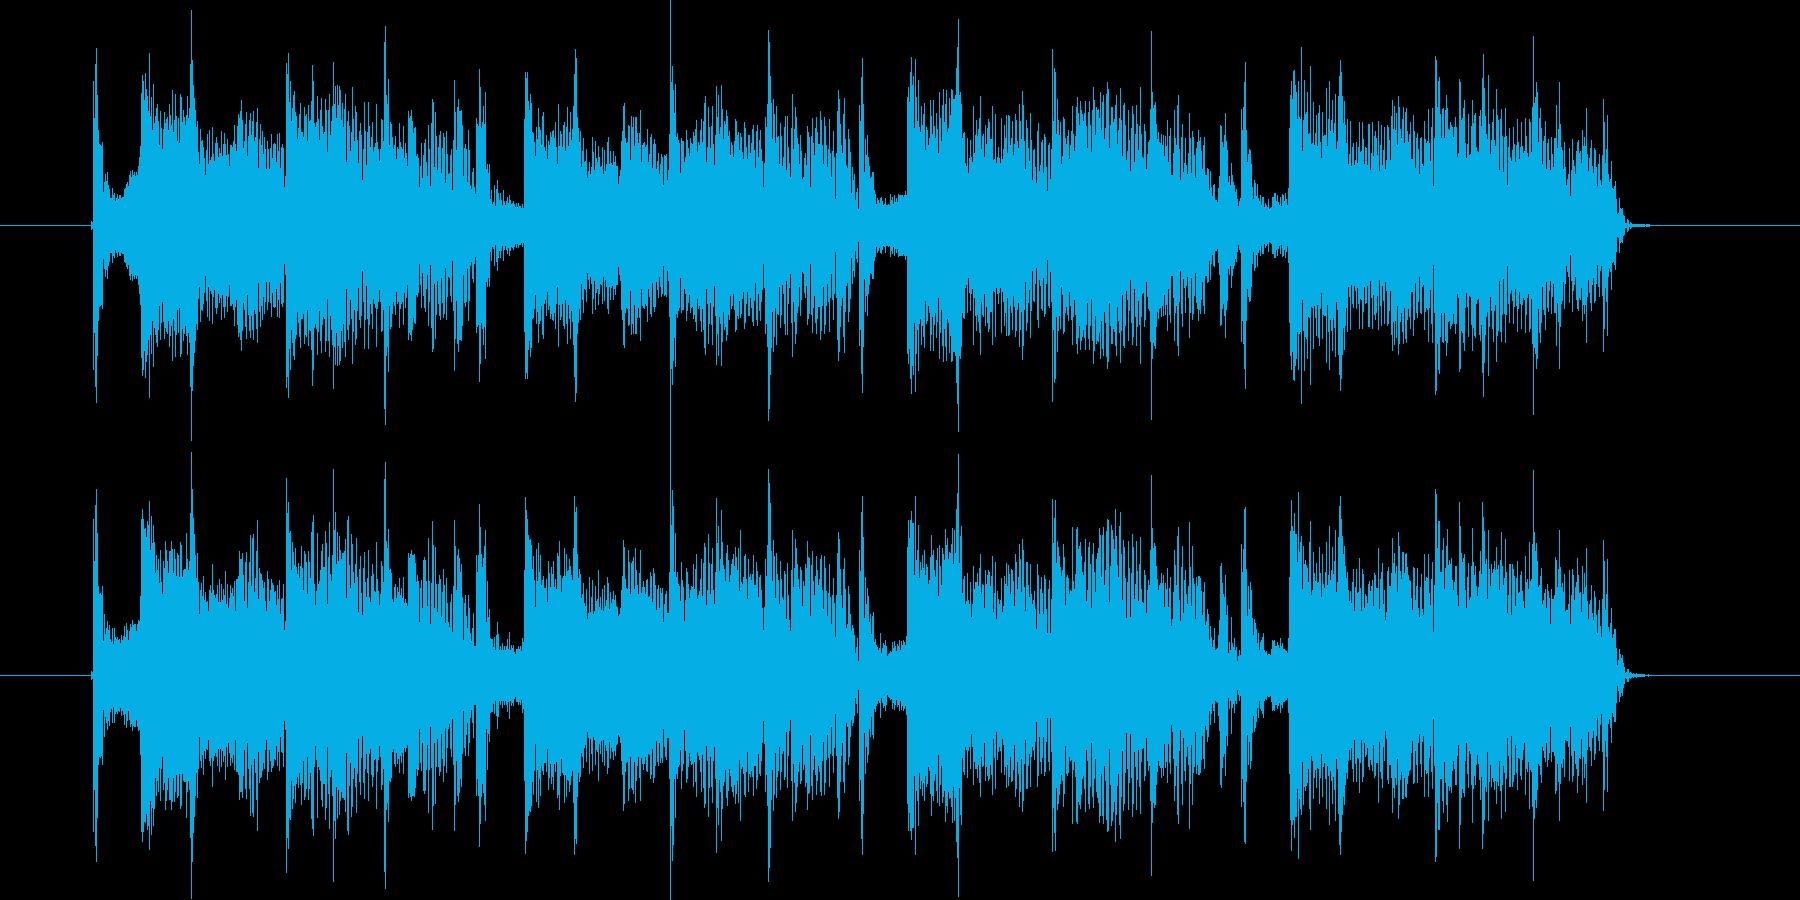 ヒップホップ系トラックのジングルの再生済みの波形